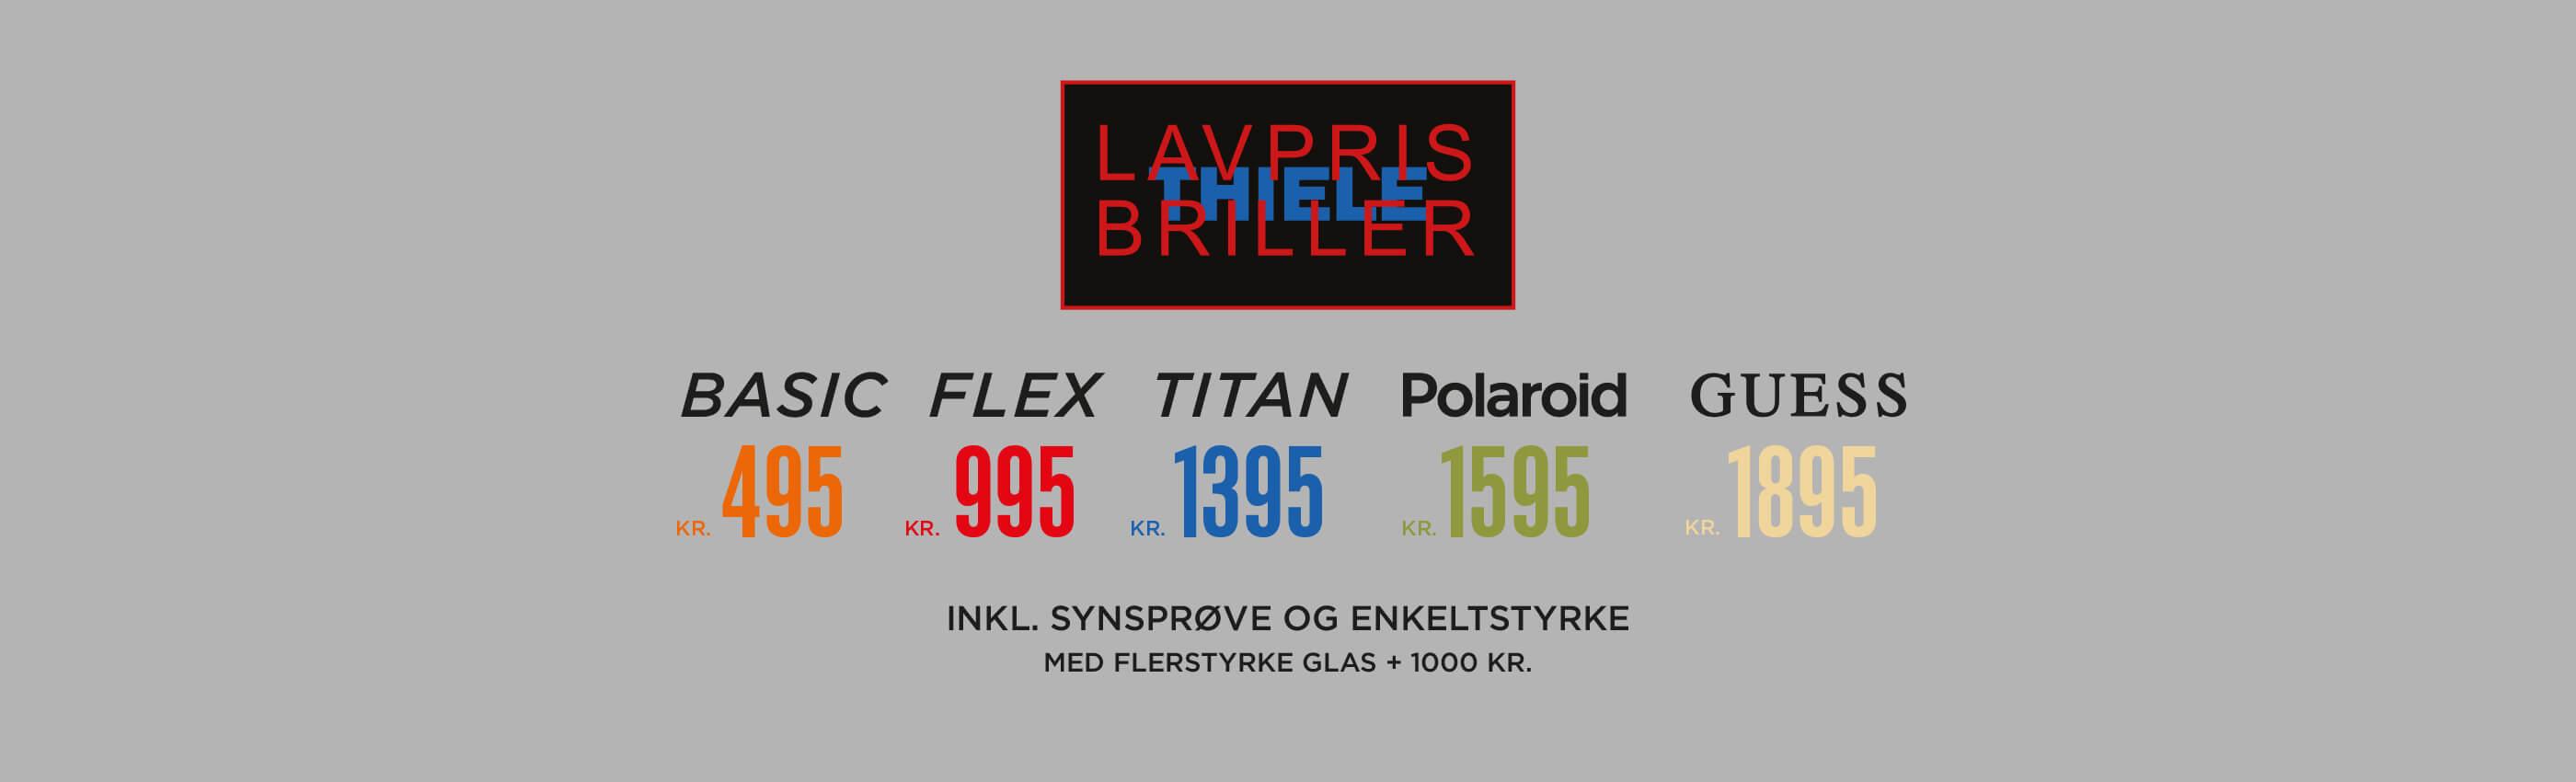 50289bb1cef3 Thiele Briller